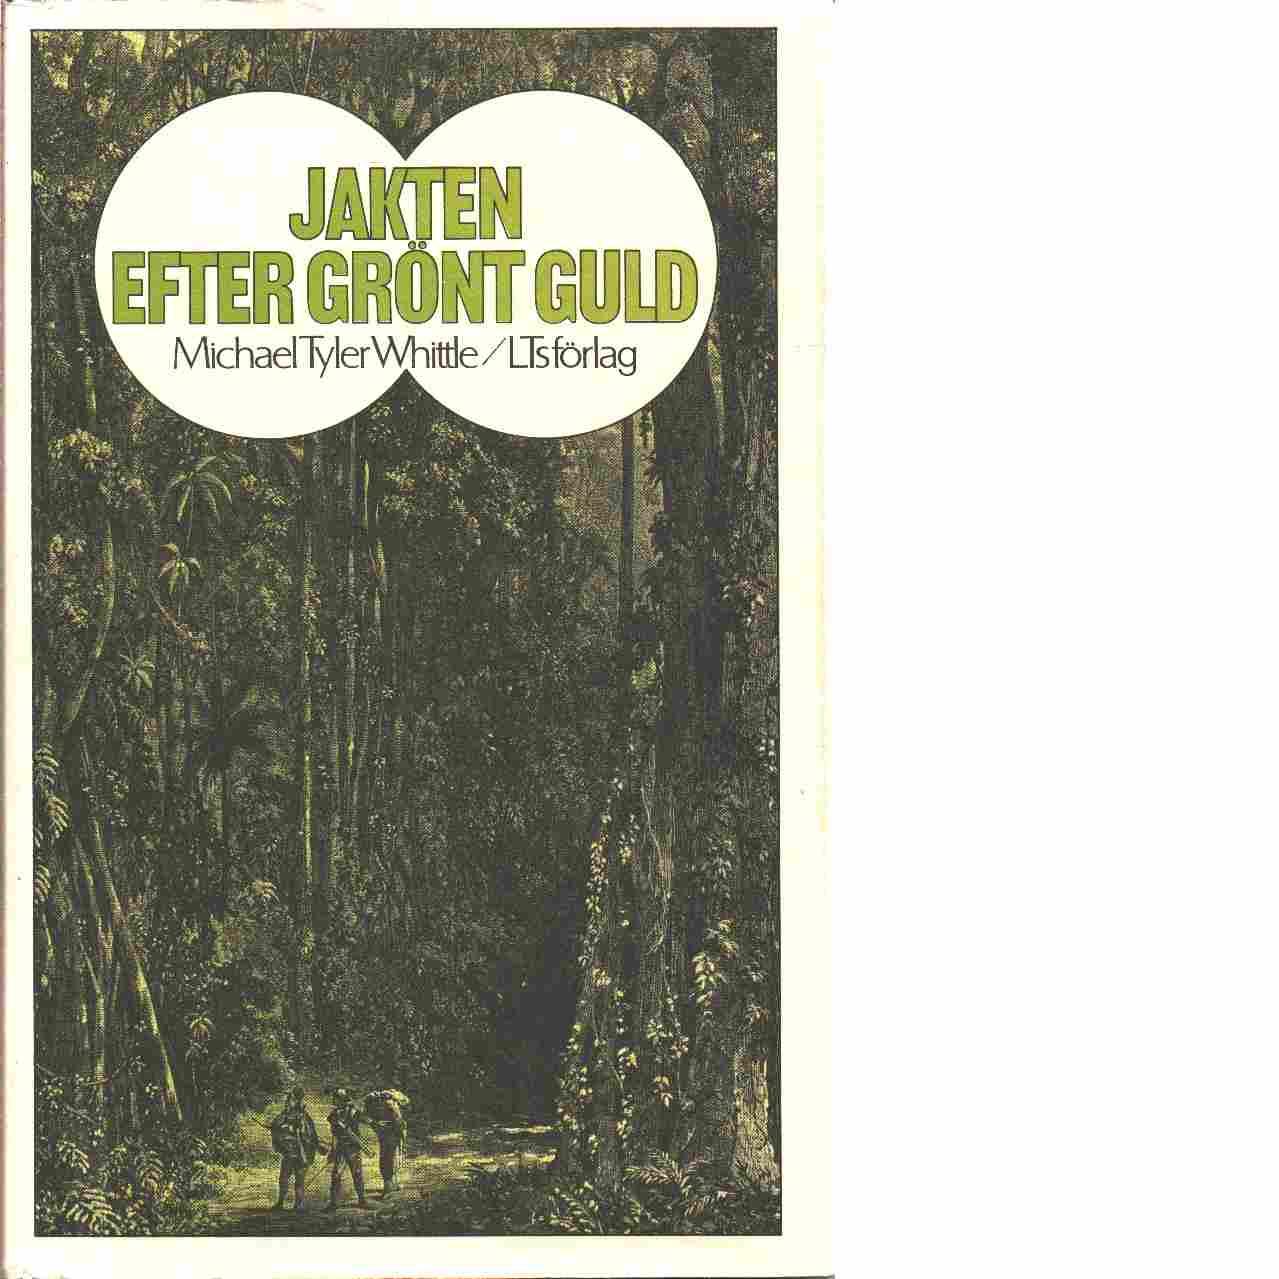 Jakten efter grönt guld : växtjägarnas äventyr - Whittle, Tyler